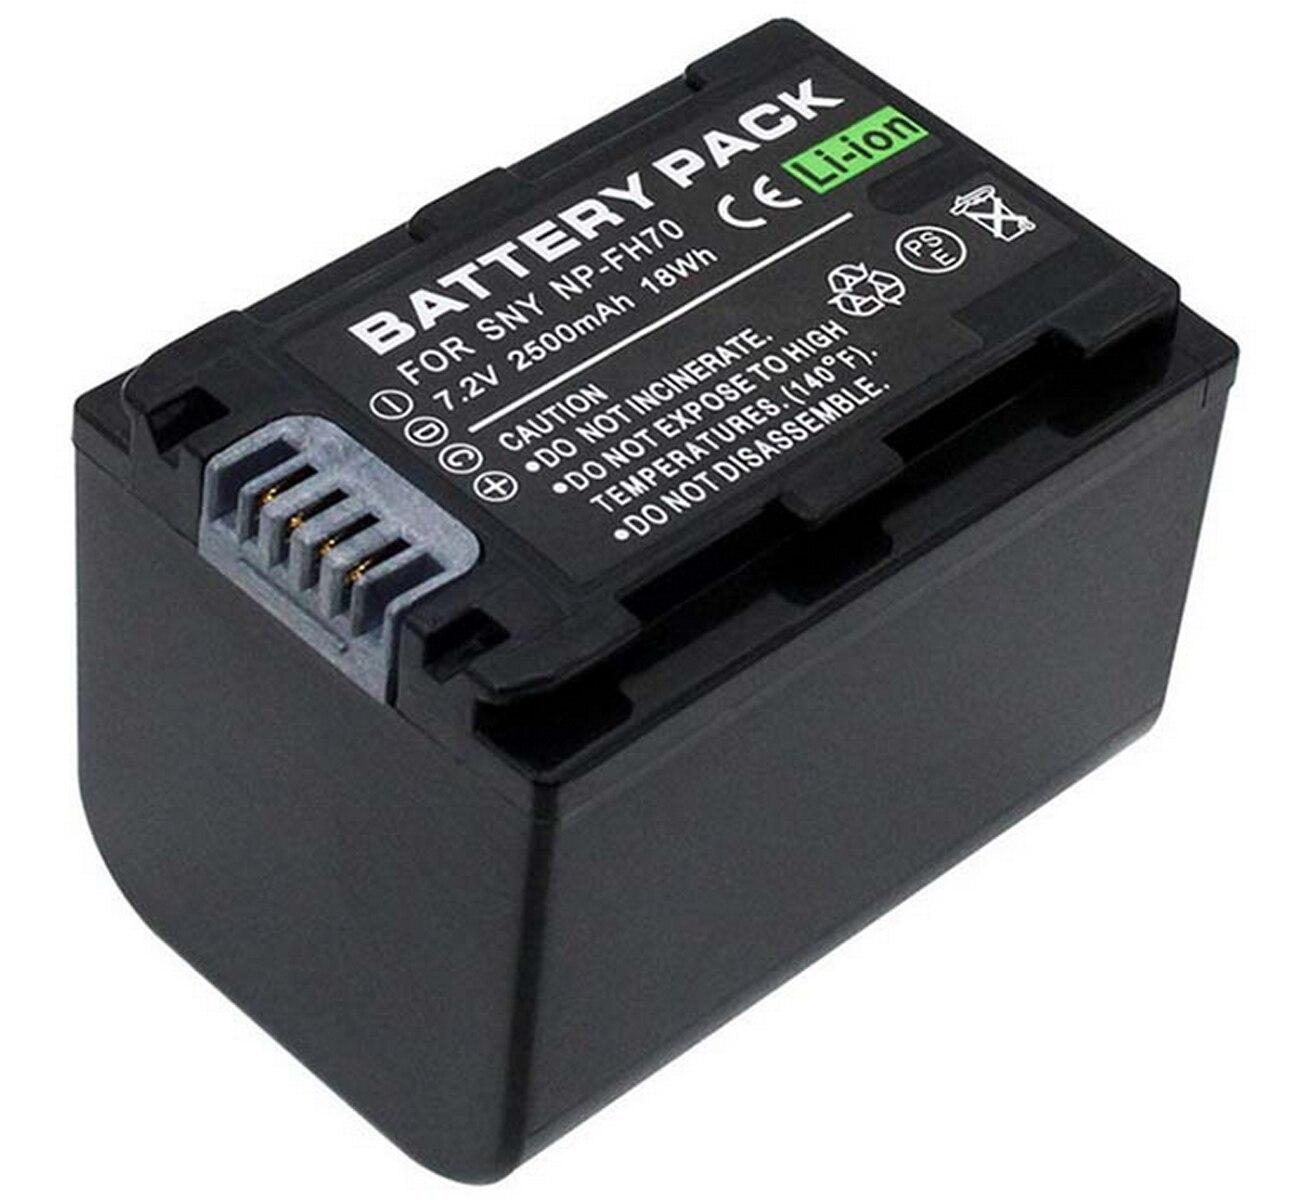 Paquete de batería para Sony DCR-DVD108, DVD308, DCR-DVD408, DVD508, DCR-DVD608, DCR-DVD708, DCR-DVD808,...